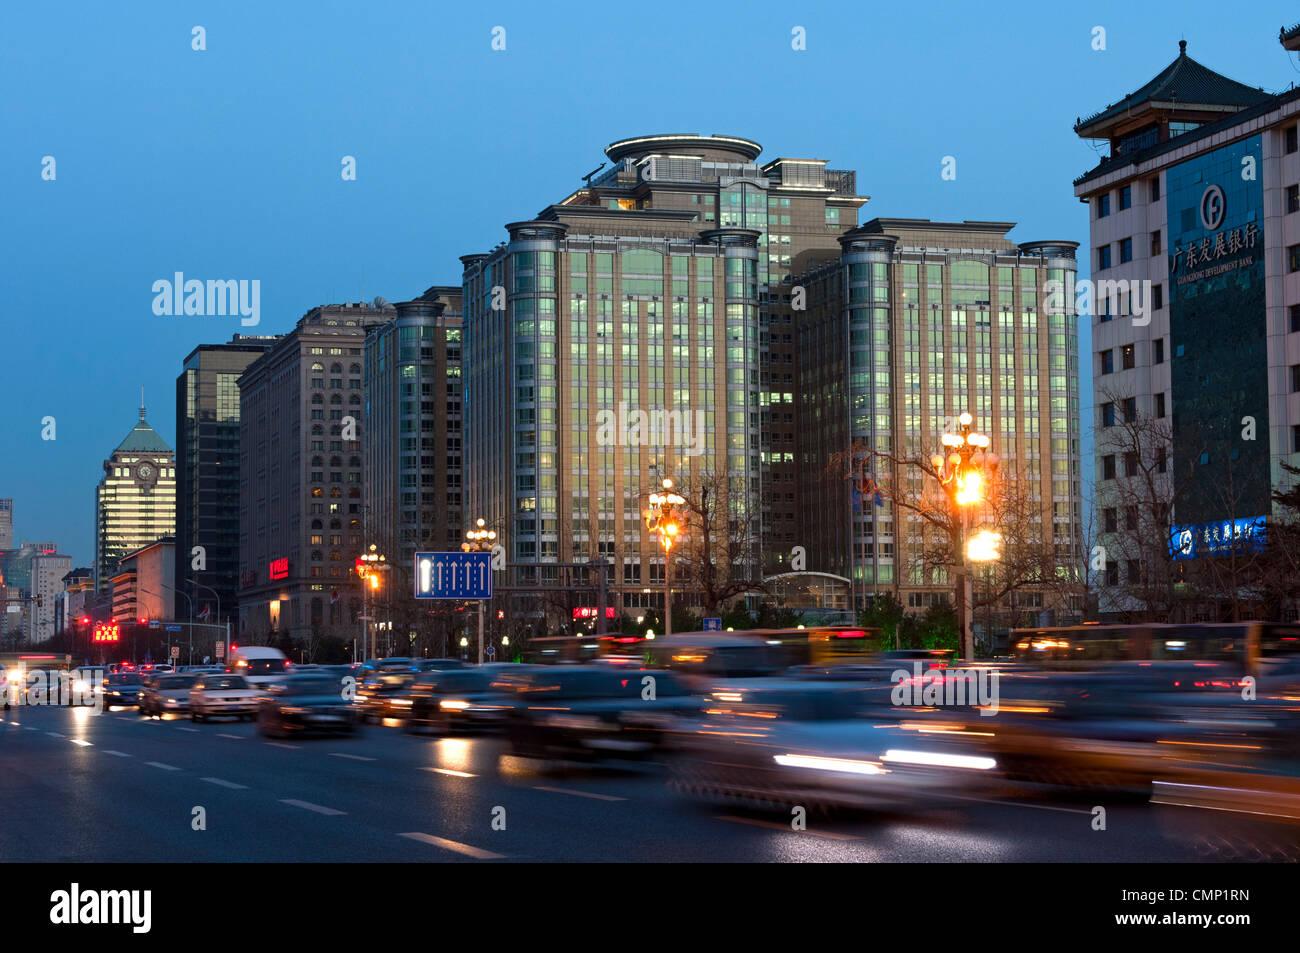 Dichten Verkehr auf der Folkloremusik Rush Hour in der Dong Chang Avenue in der Innenstadt von Peking, China Stockbild